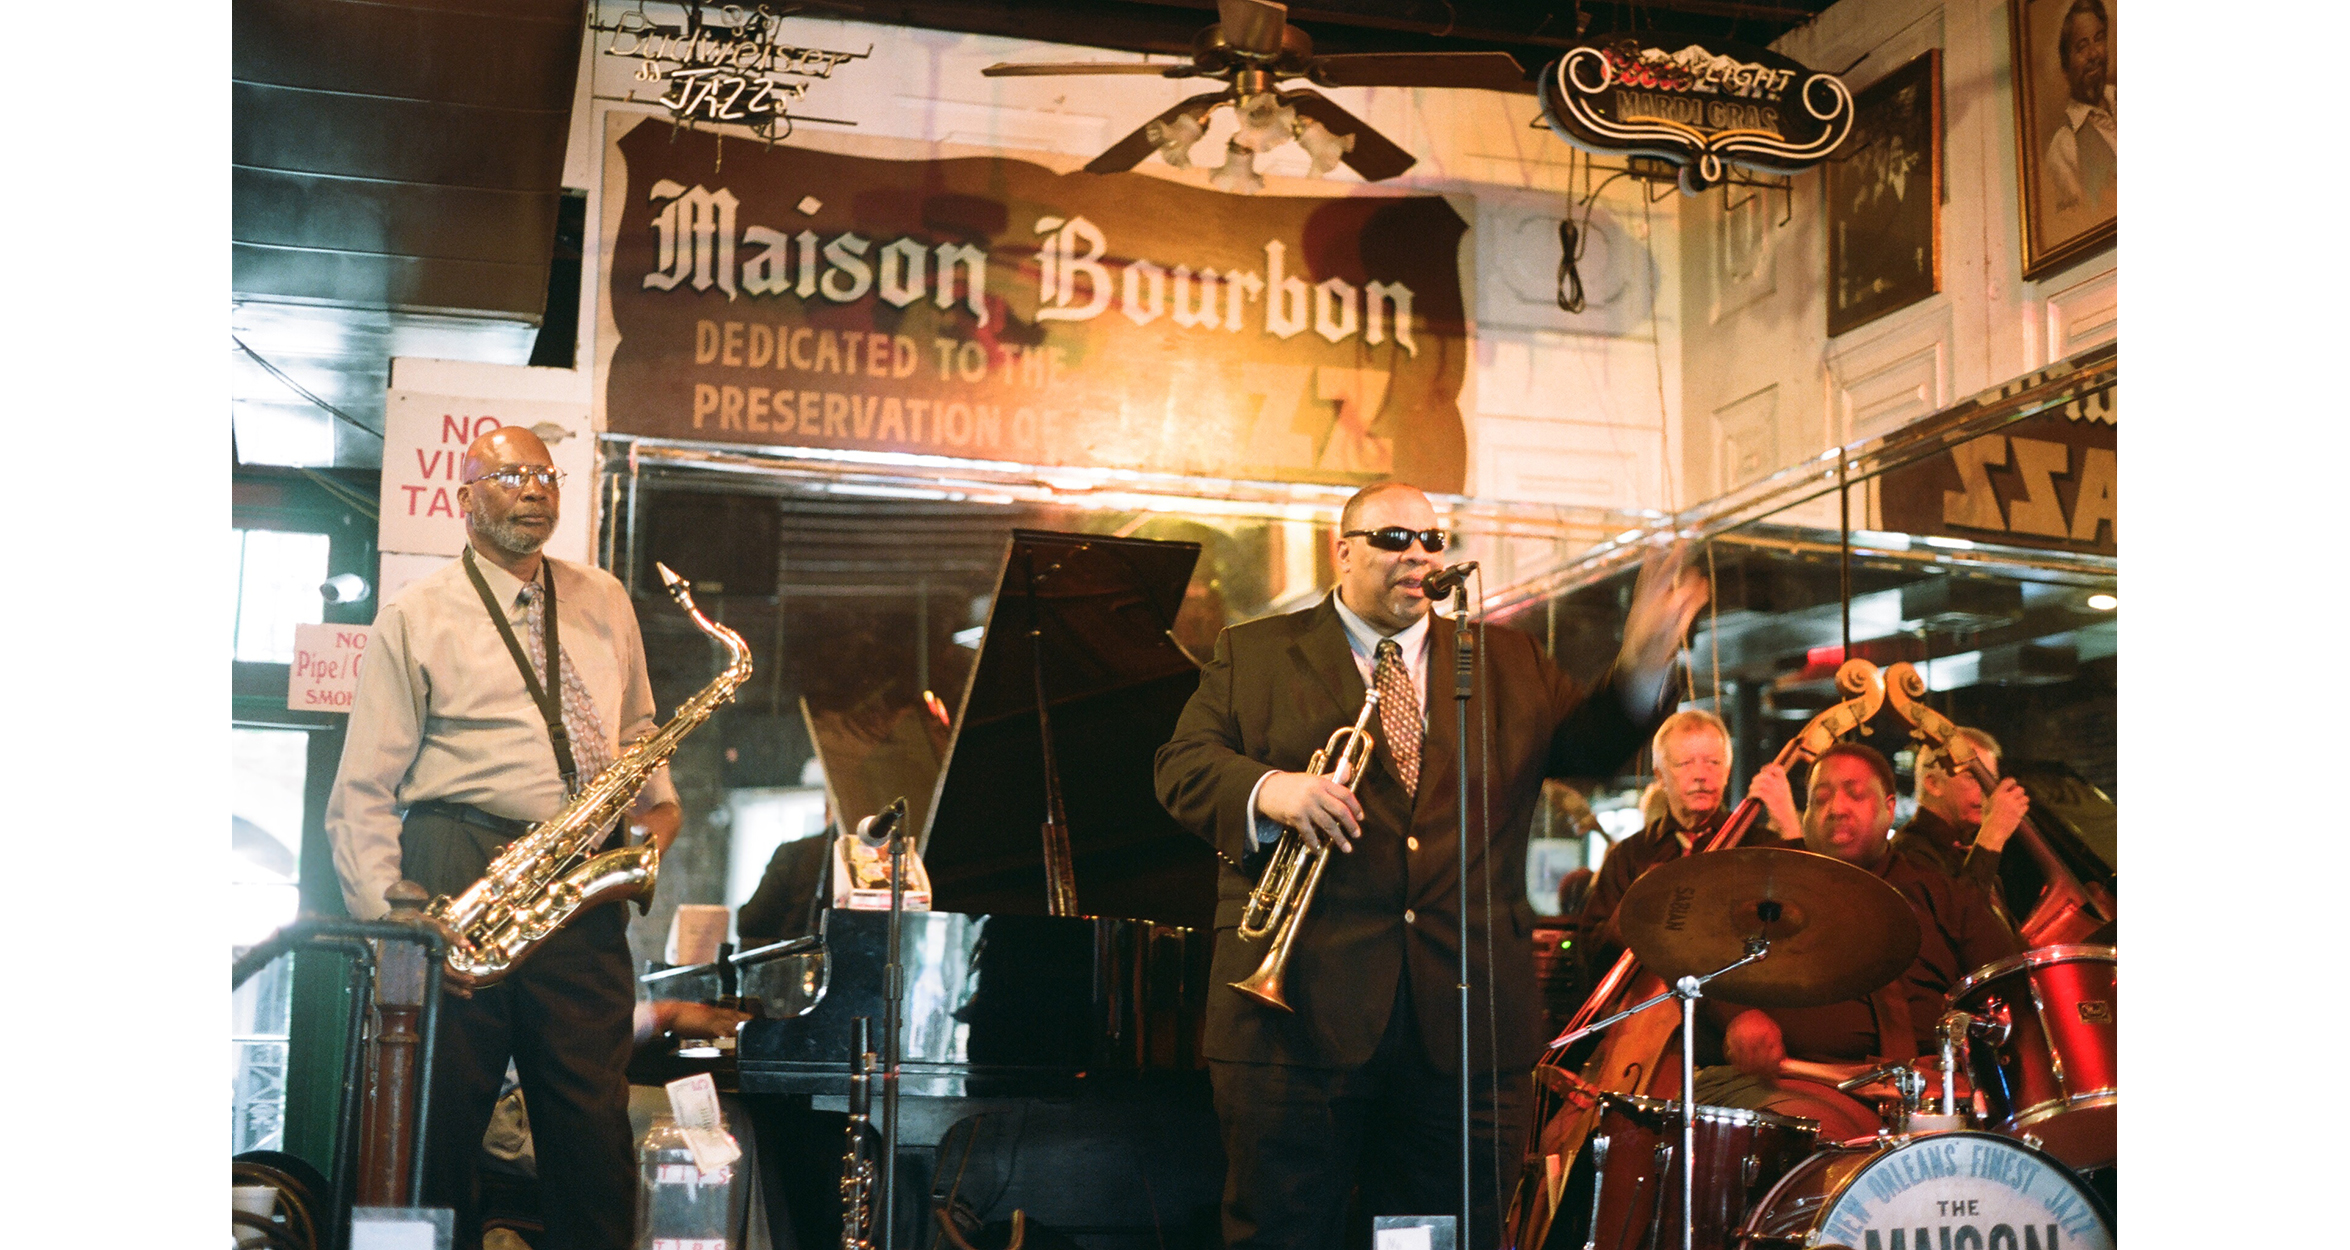 Maison Bourbon